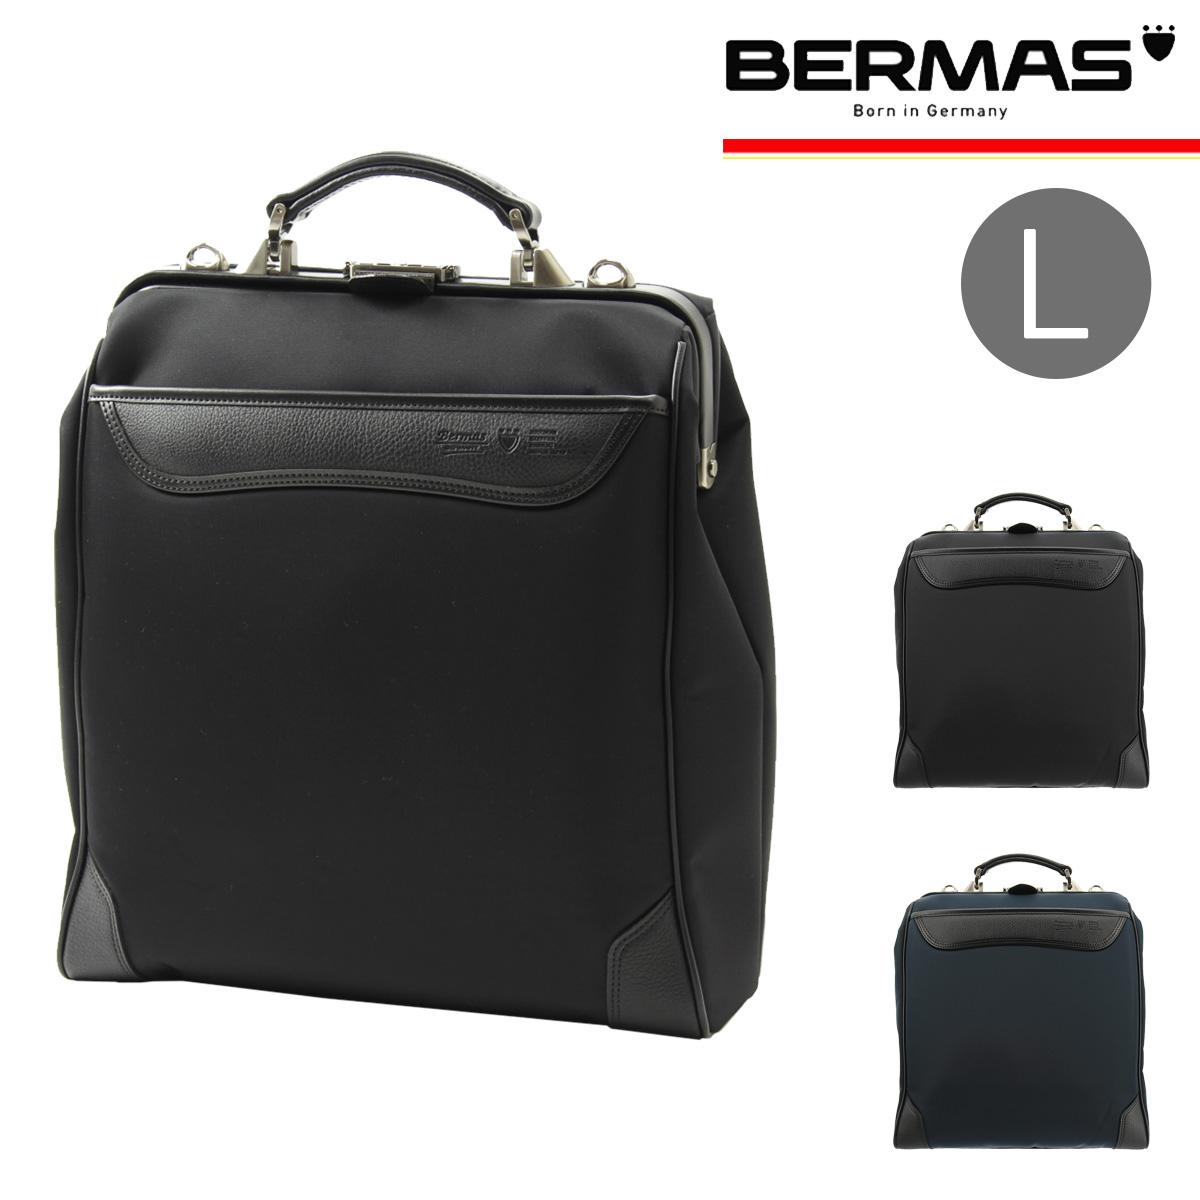 バーマス リュック ファース メンズ 60034 BERMAS | リュックサック A4 ナイロン 日本製[bef][PO10]